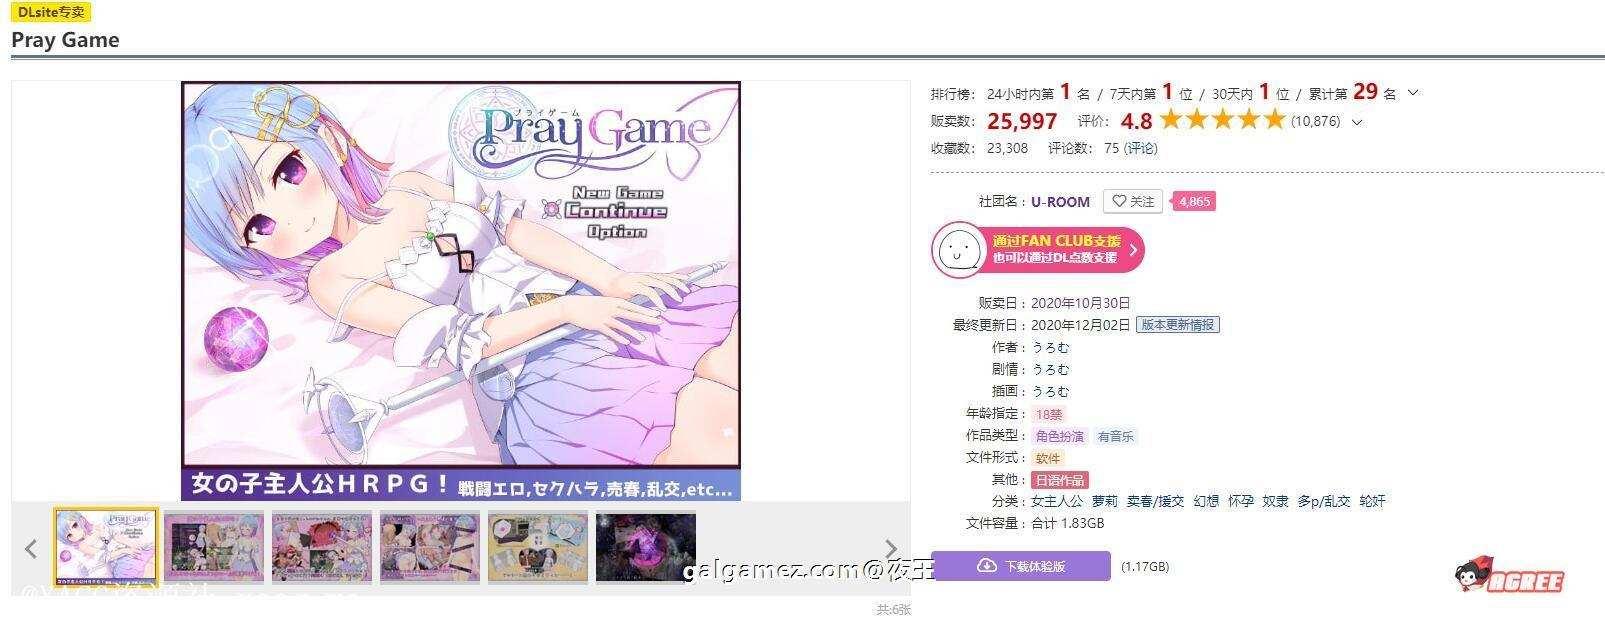 【超爆热RPG/汉化/动态】魔法少女之祈祷游戏!Pray Game v2.11 中文版 + 全开档插图1